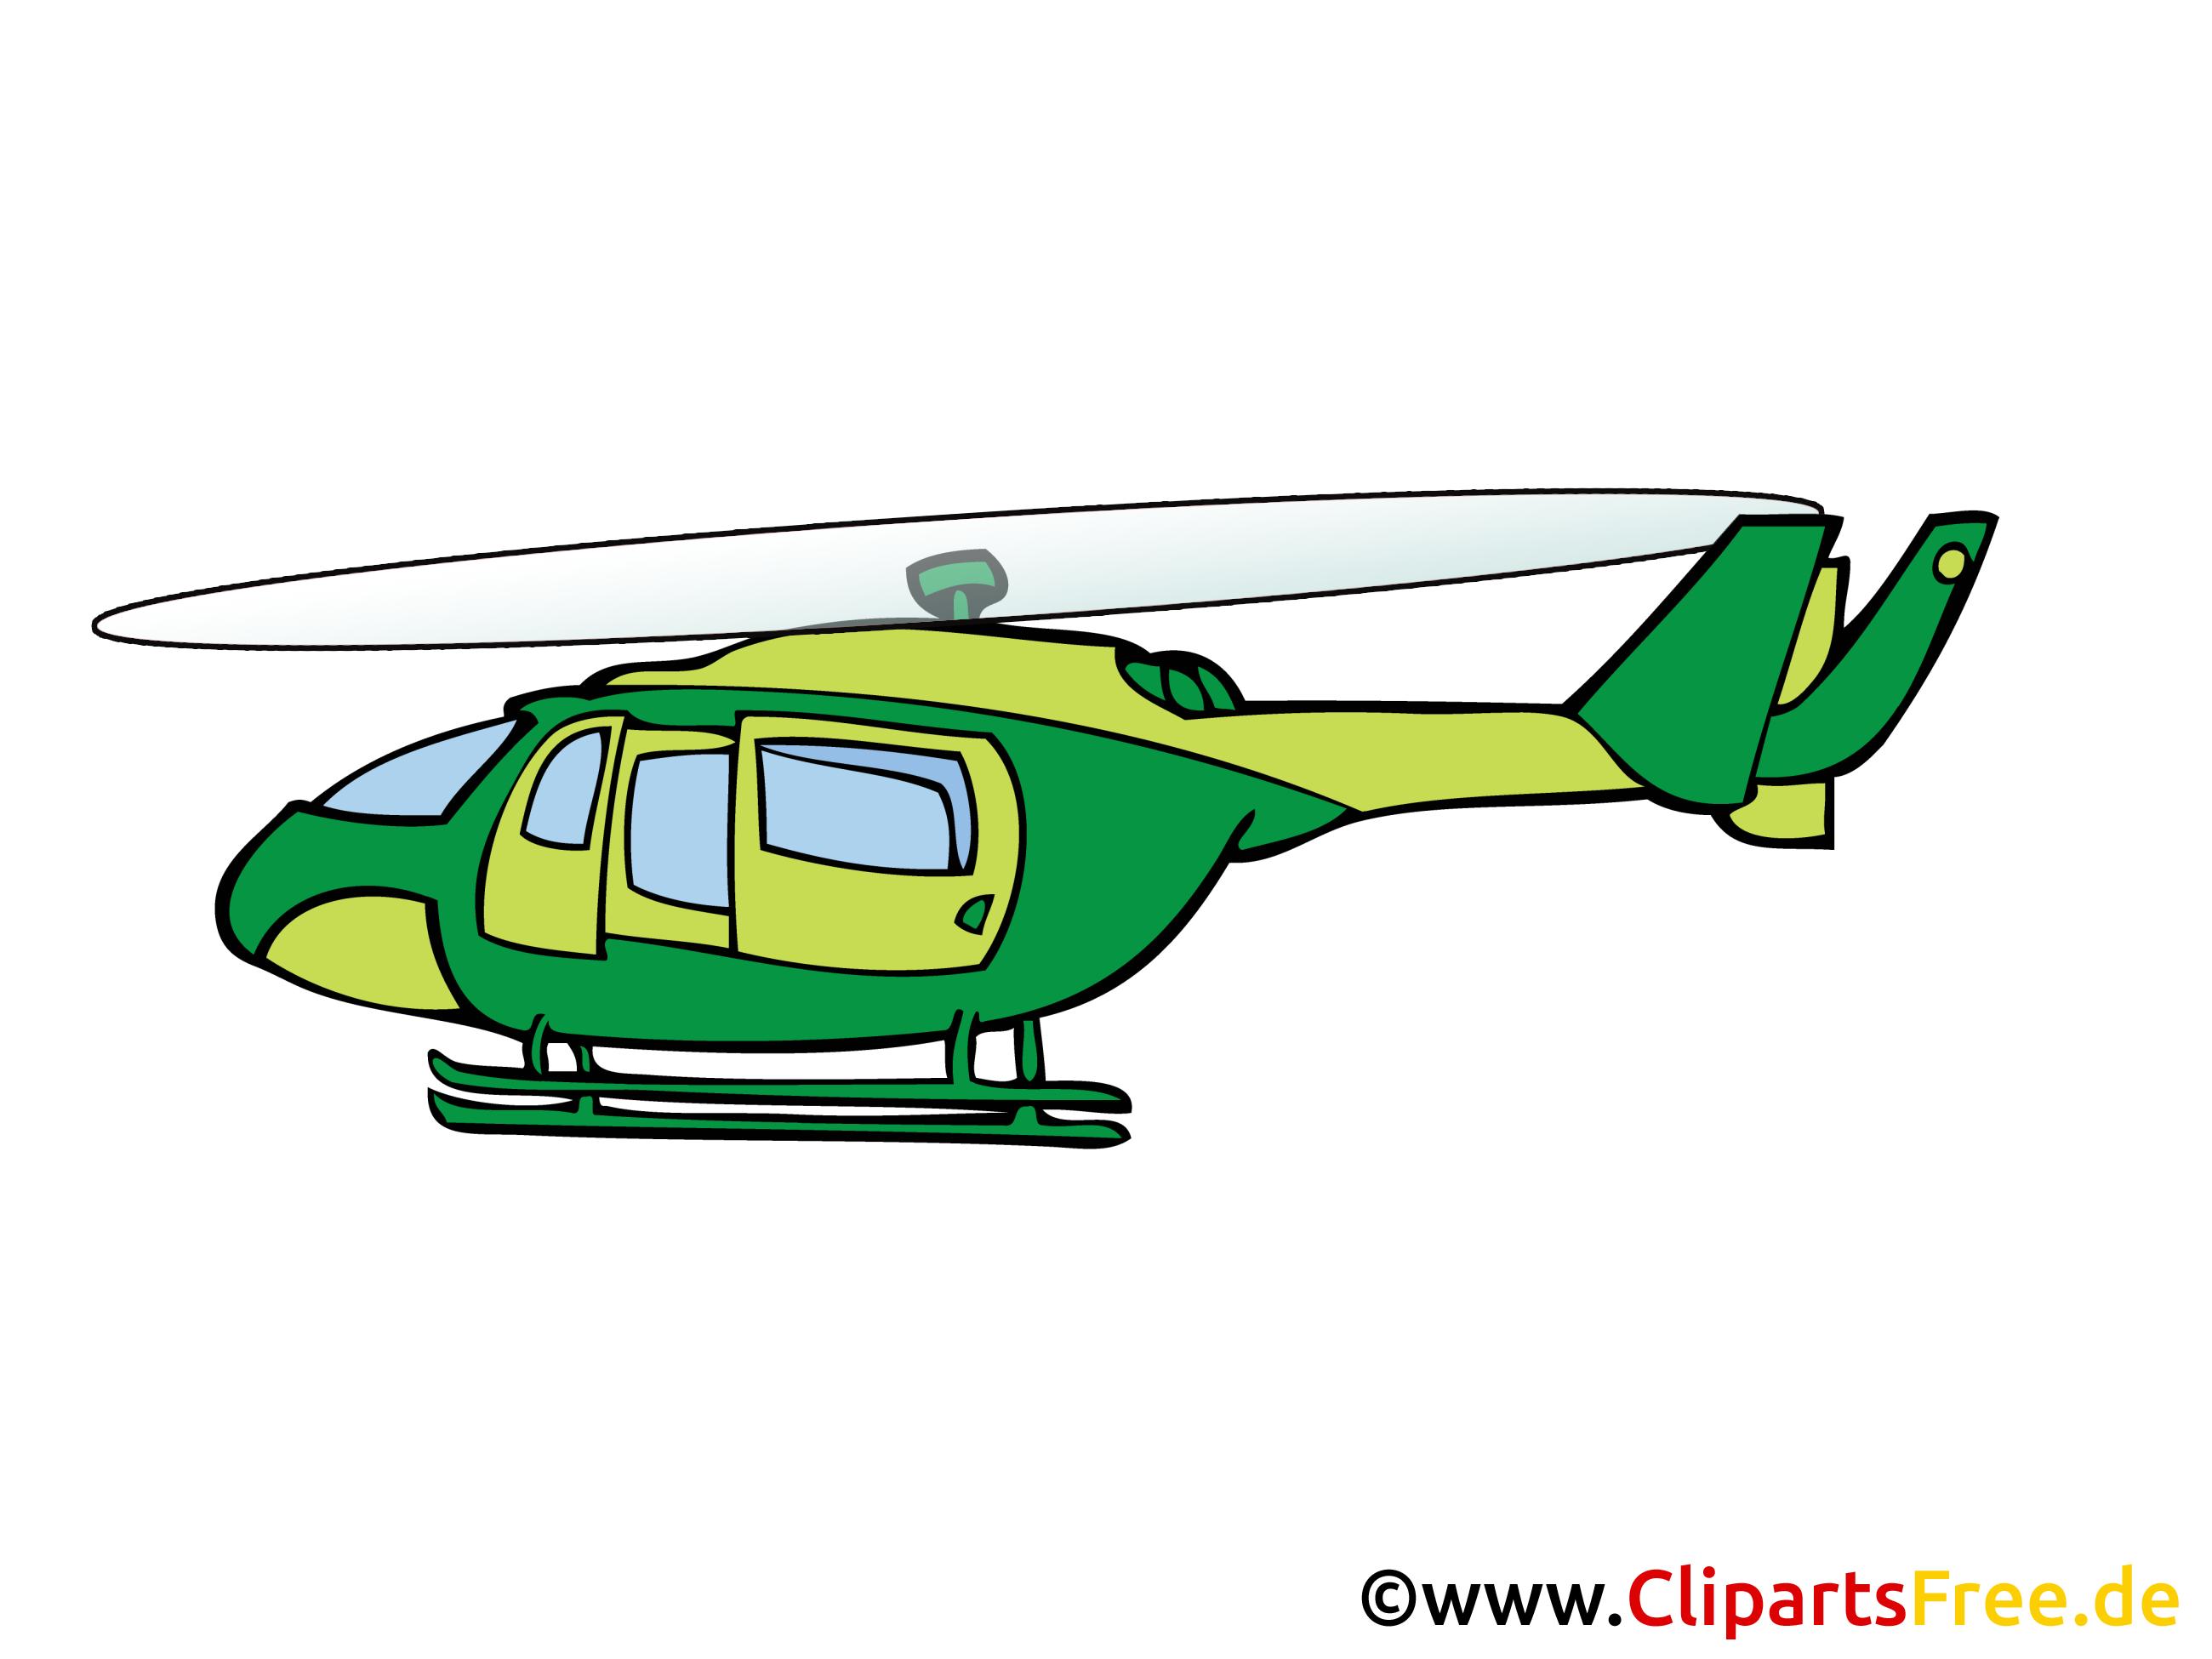 Hélicoptère cliparts gratuis images gratuites